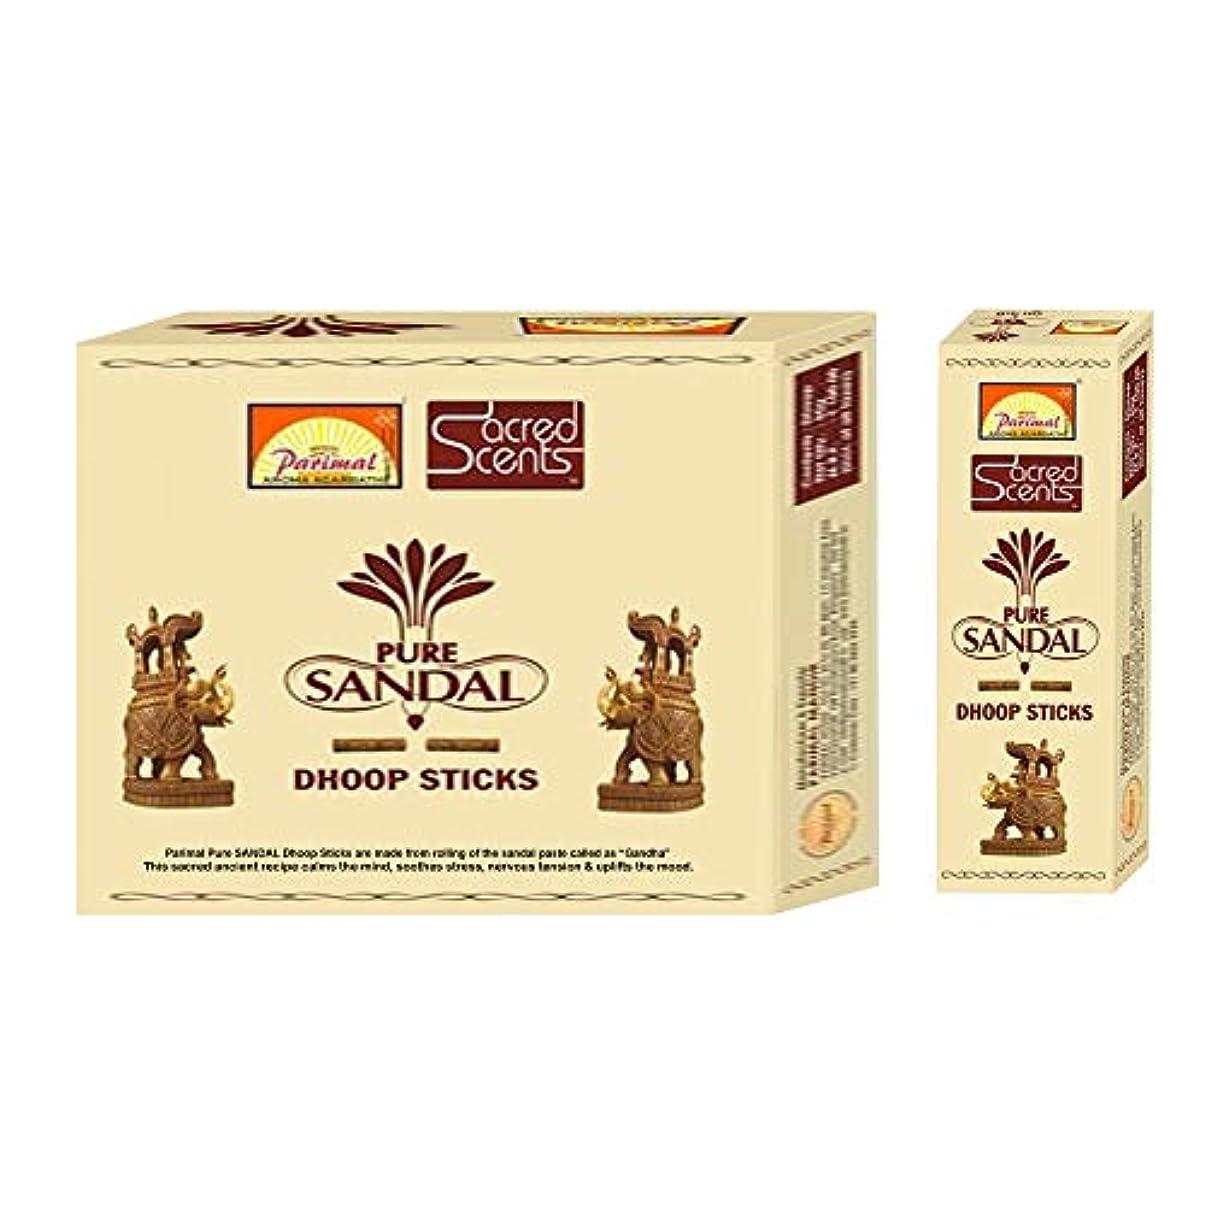 世代クック委員長Parimal Sacred Scents 天然ピュアサンダル フープスティック | 1箱50グラム6パック | 輸出品質